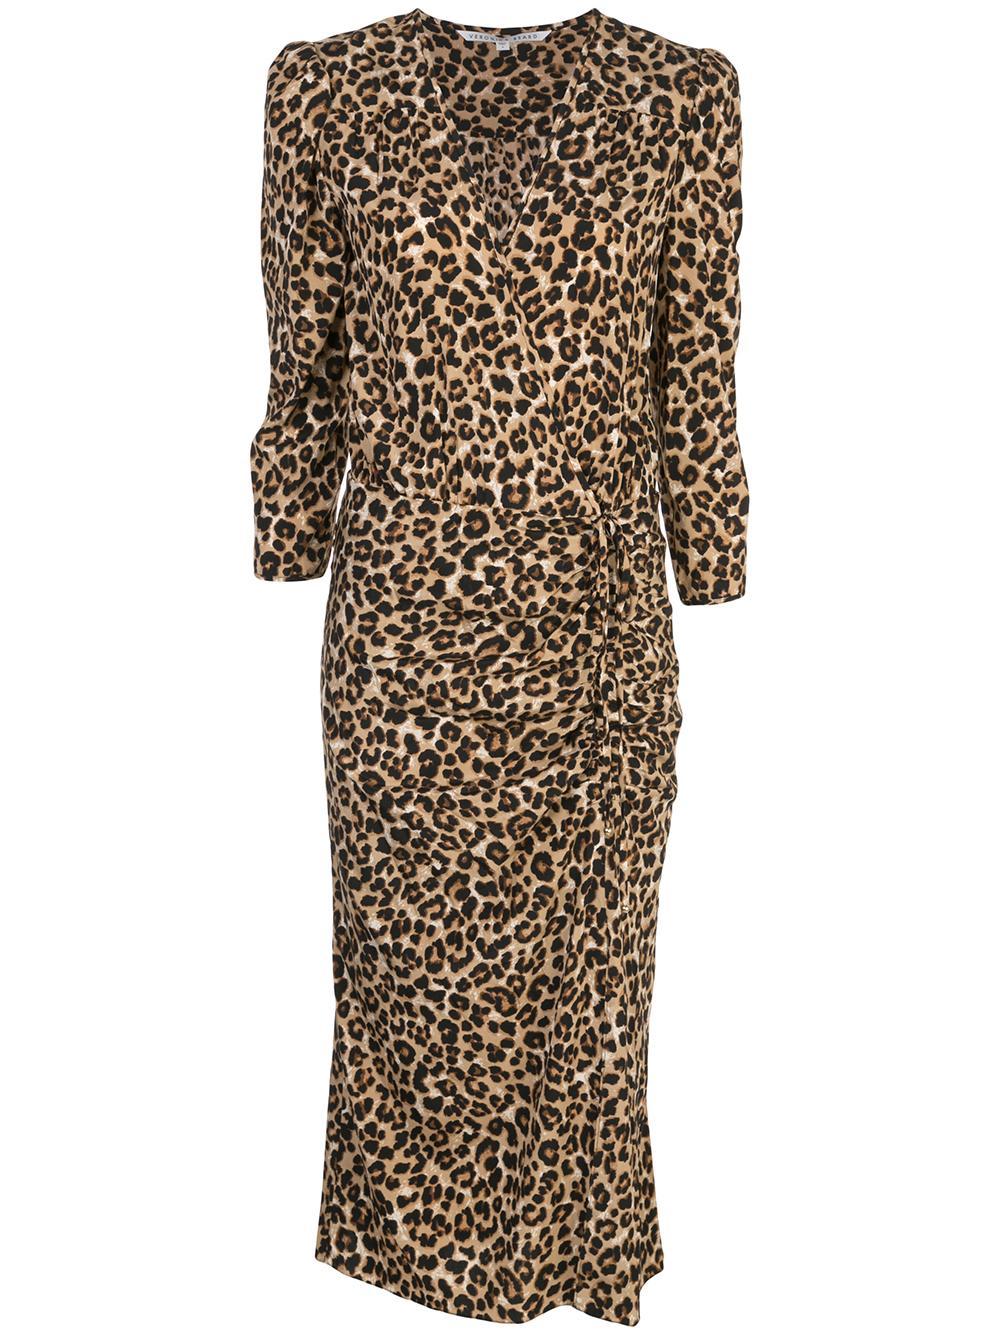 Arielle 3/4 Sleeve Midi Dress